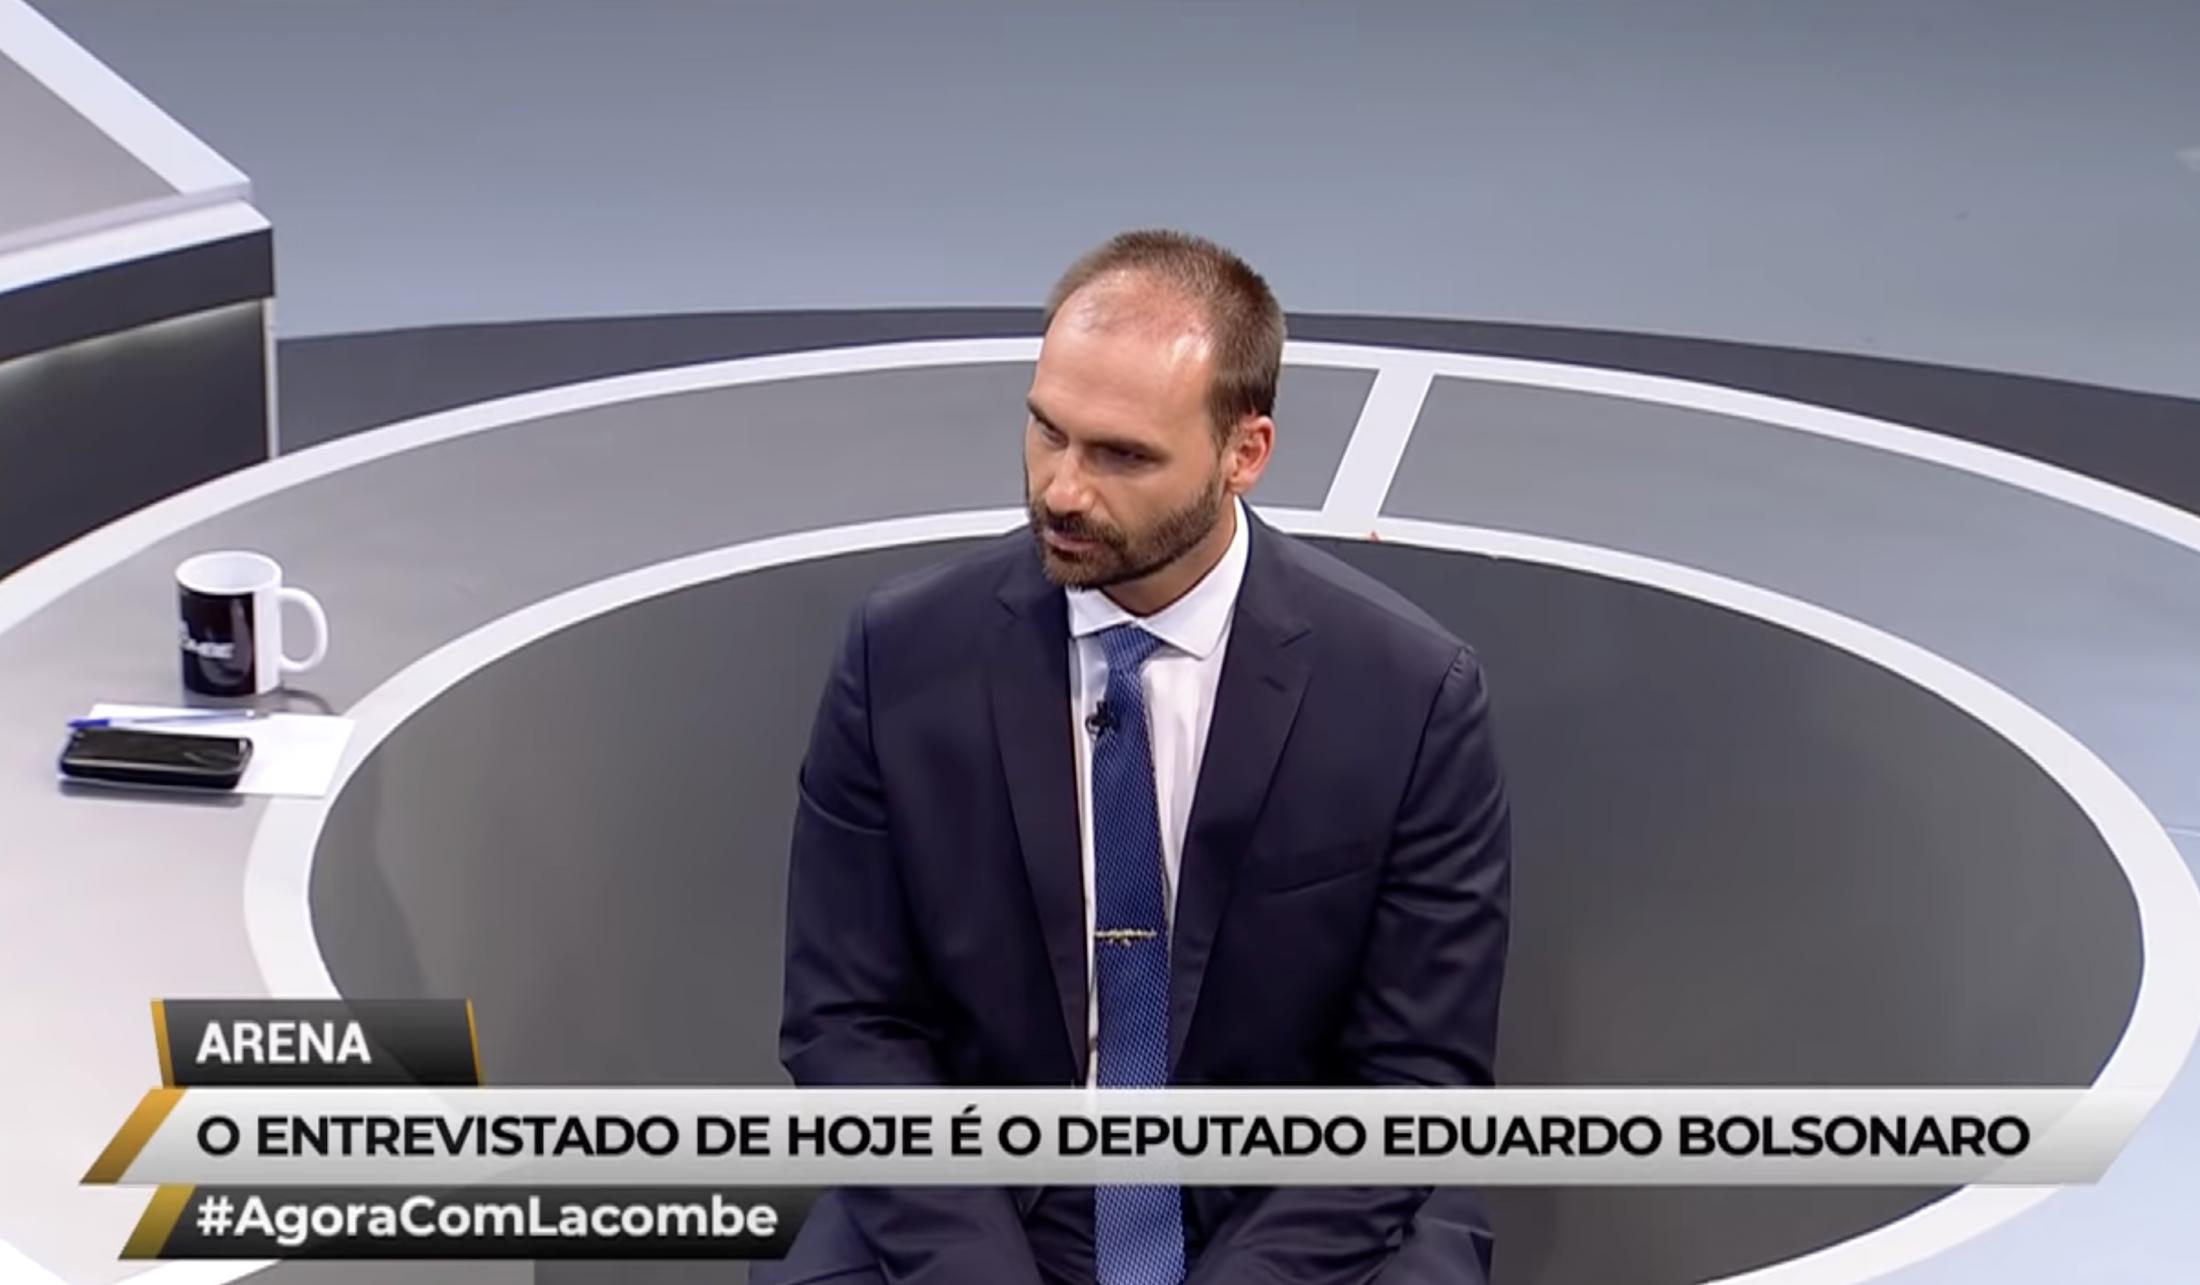 IMAGEM: Eduardo Bolsonaro é ruim de ibope